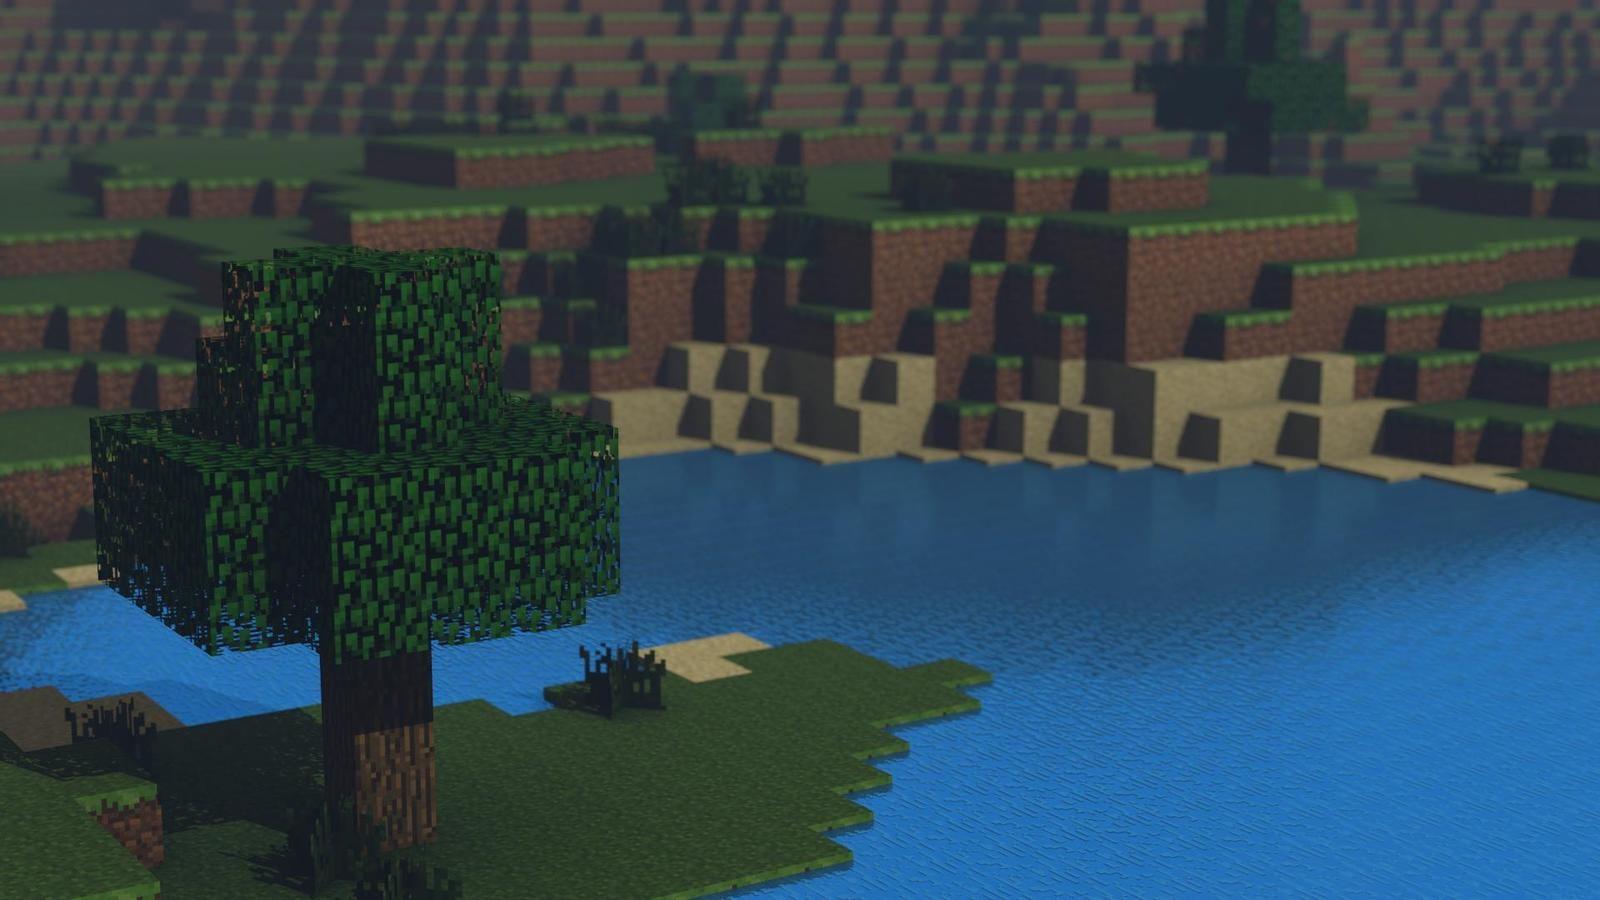 Wonderful Wallpaper Minecraft Fox - 8259437ac7d0b9c5d416c67959b303d0  Image_601769.jpg